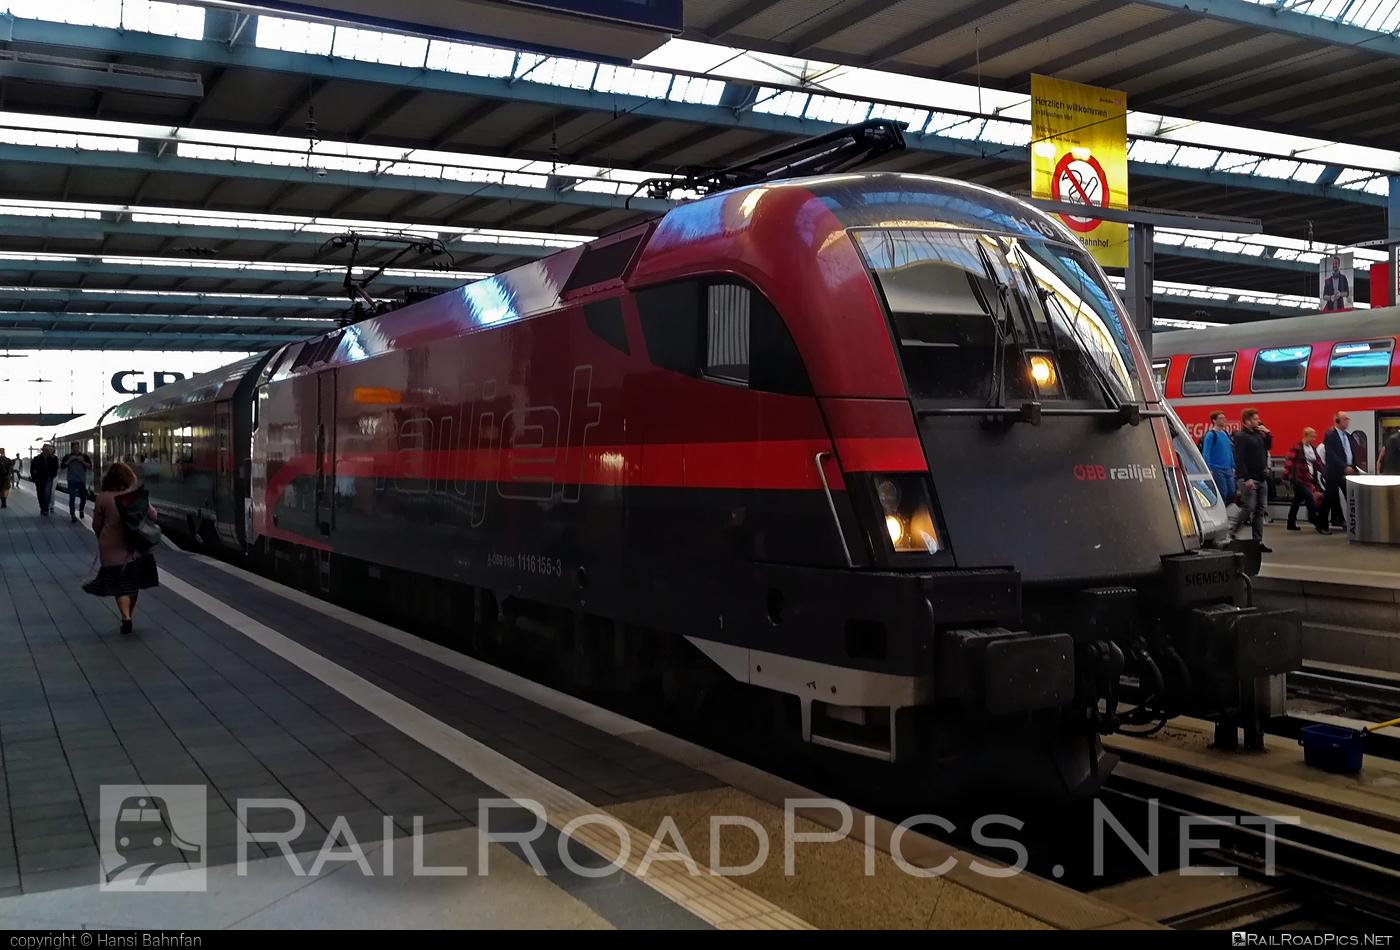 Siemens ES 64 U2 - 1116 155 operated by Österreichische Bundesbahnen #es64 #es64u #es64u2 #eurosprinter #obb #obbrailjet #osterreichischebundesbahnen #railjet #siemens #siemenses64 #siemenses64u #siemenses64u2 #siemenstaurus #tauruslocomotive